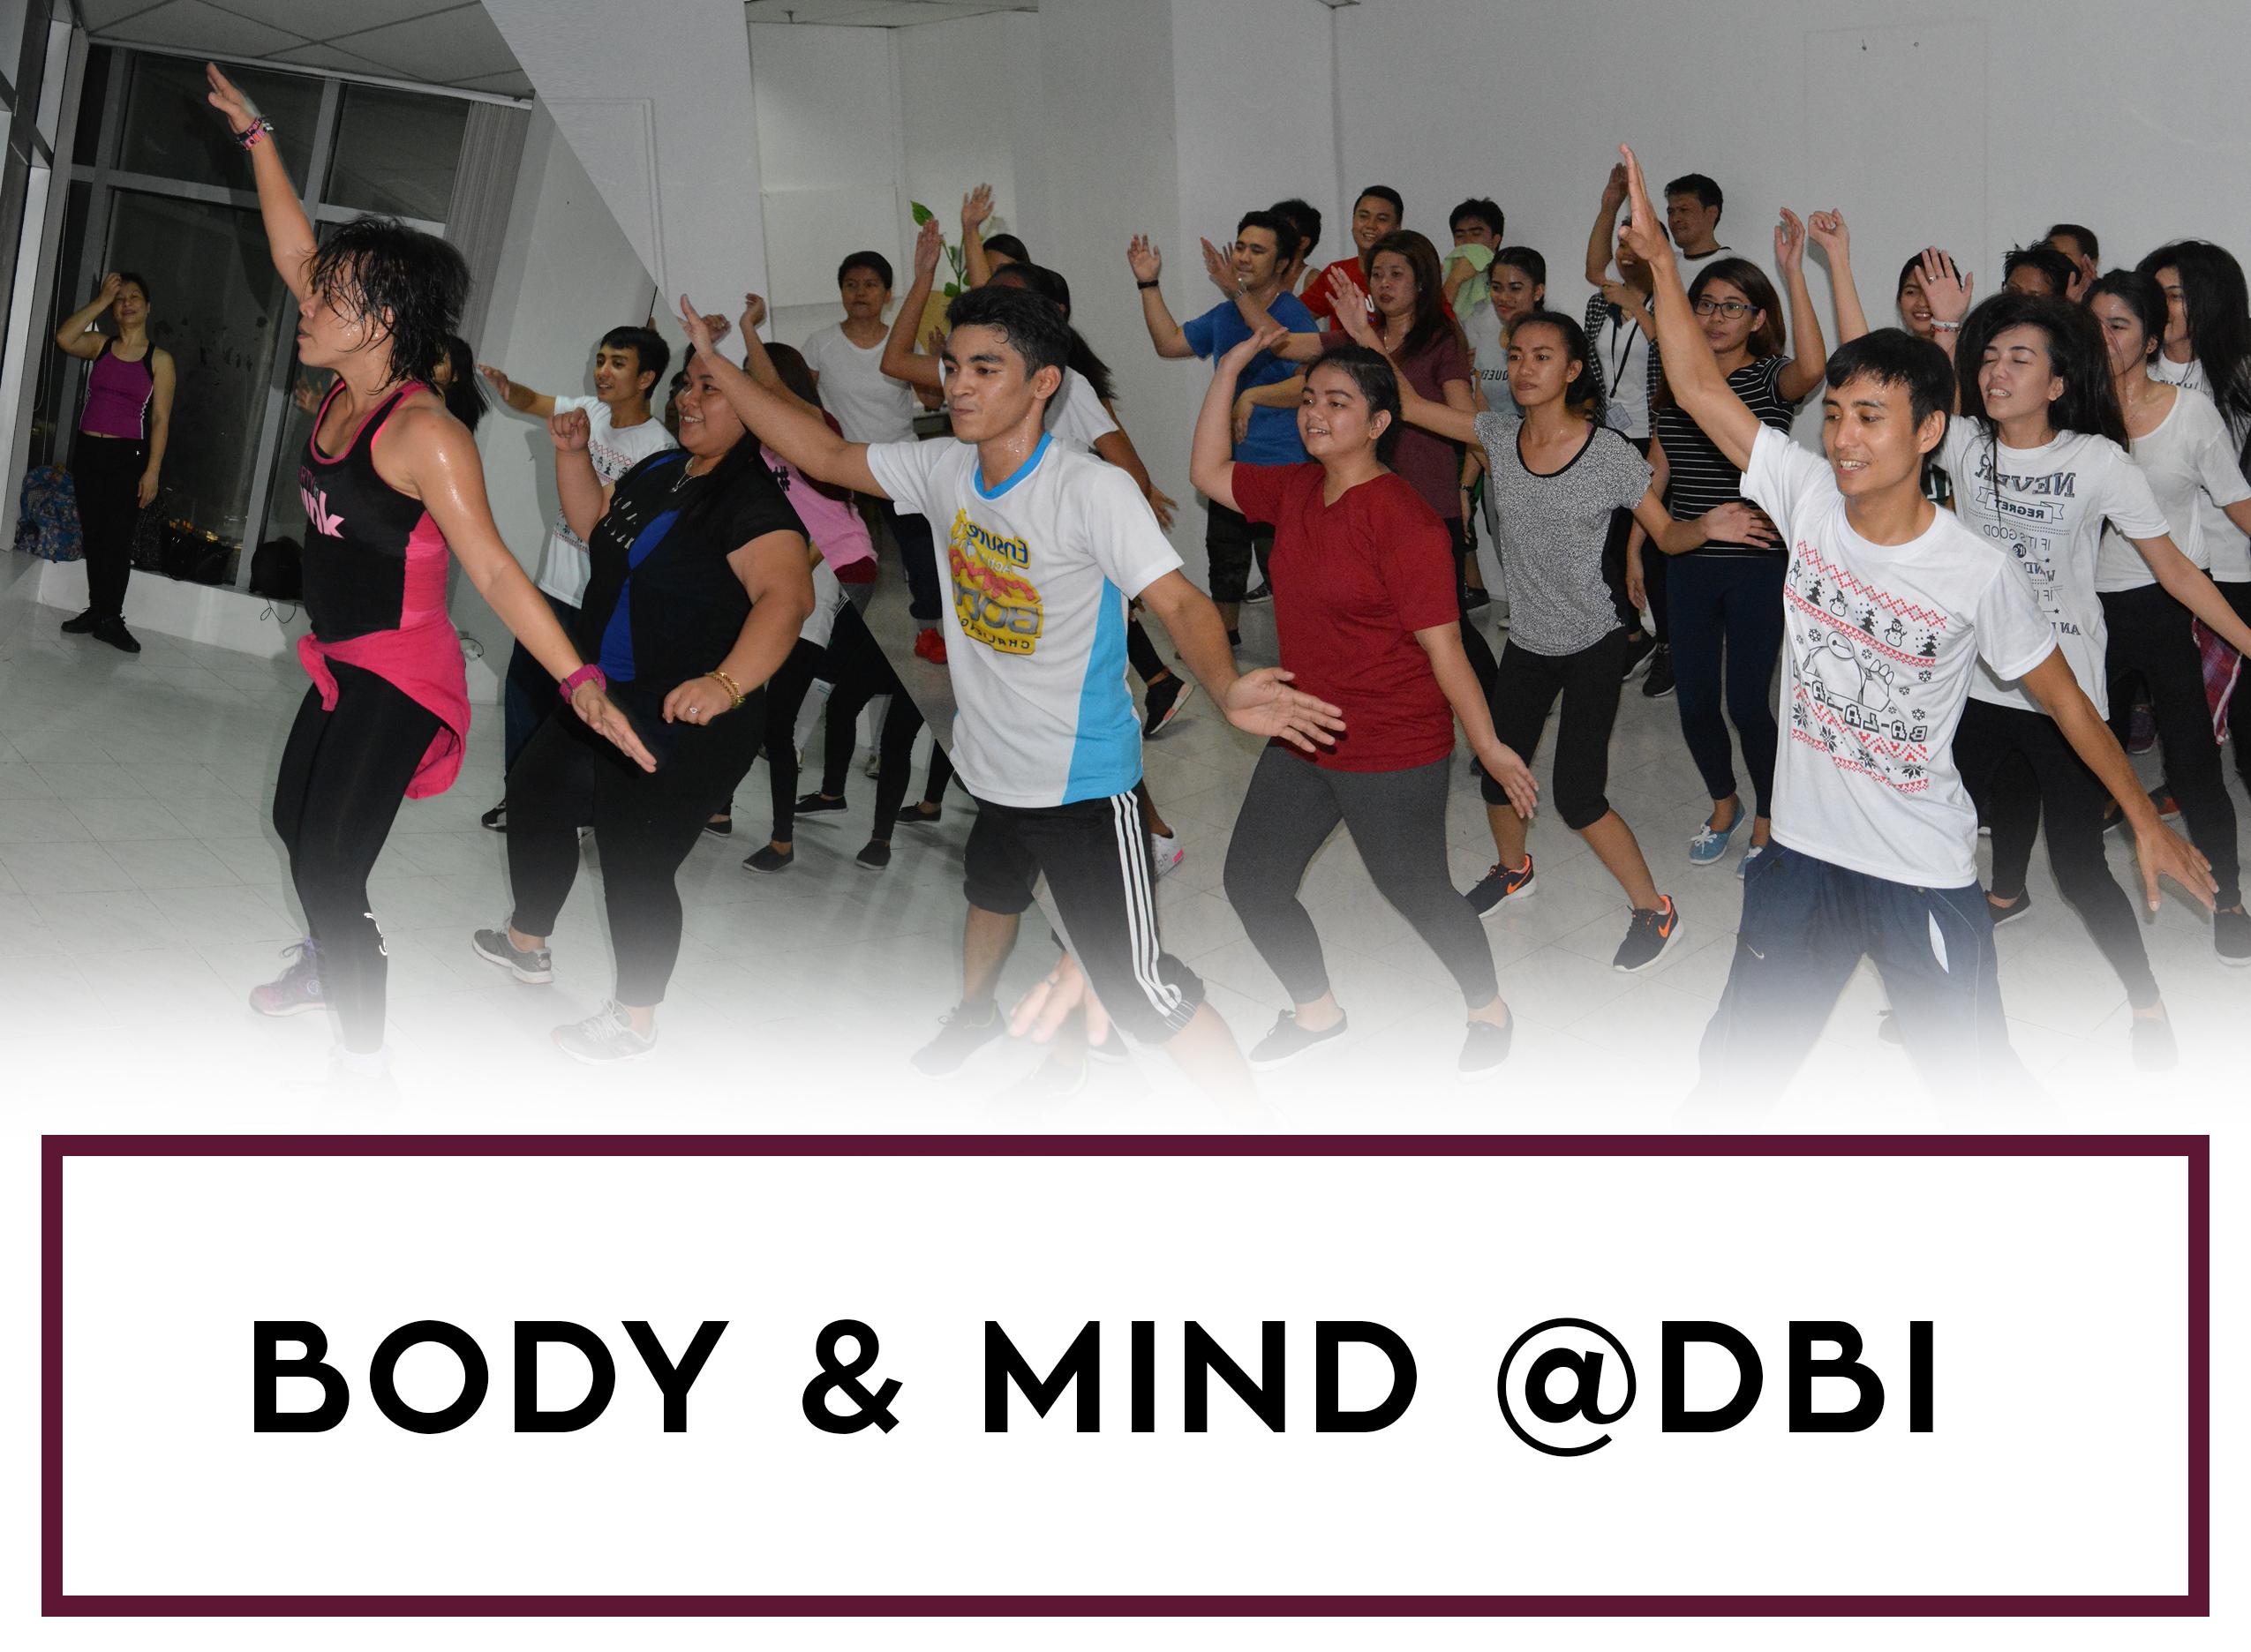 Body & Mind @DBI